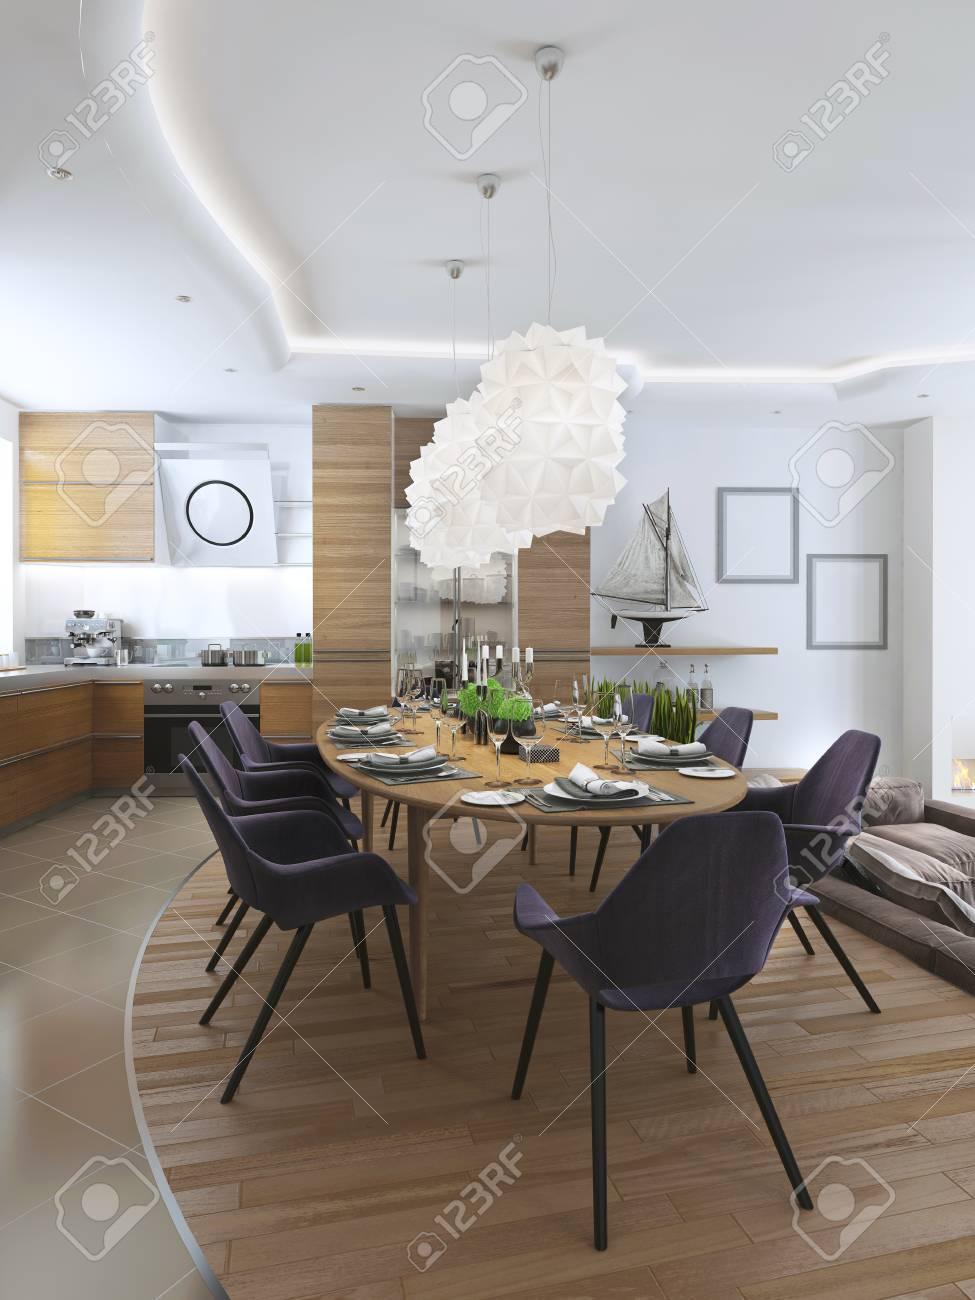 Luxe salle à manger dans un style contemporain avec une grande table à  manger pour huit personnes. Luxe blanc lustre suspendu au-dessus de la  table de ...